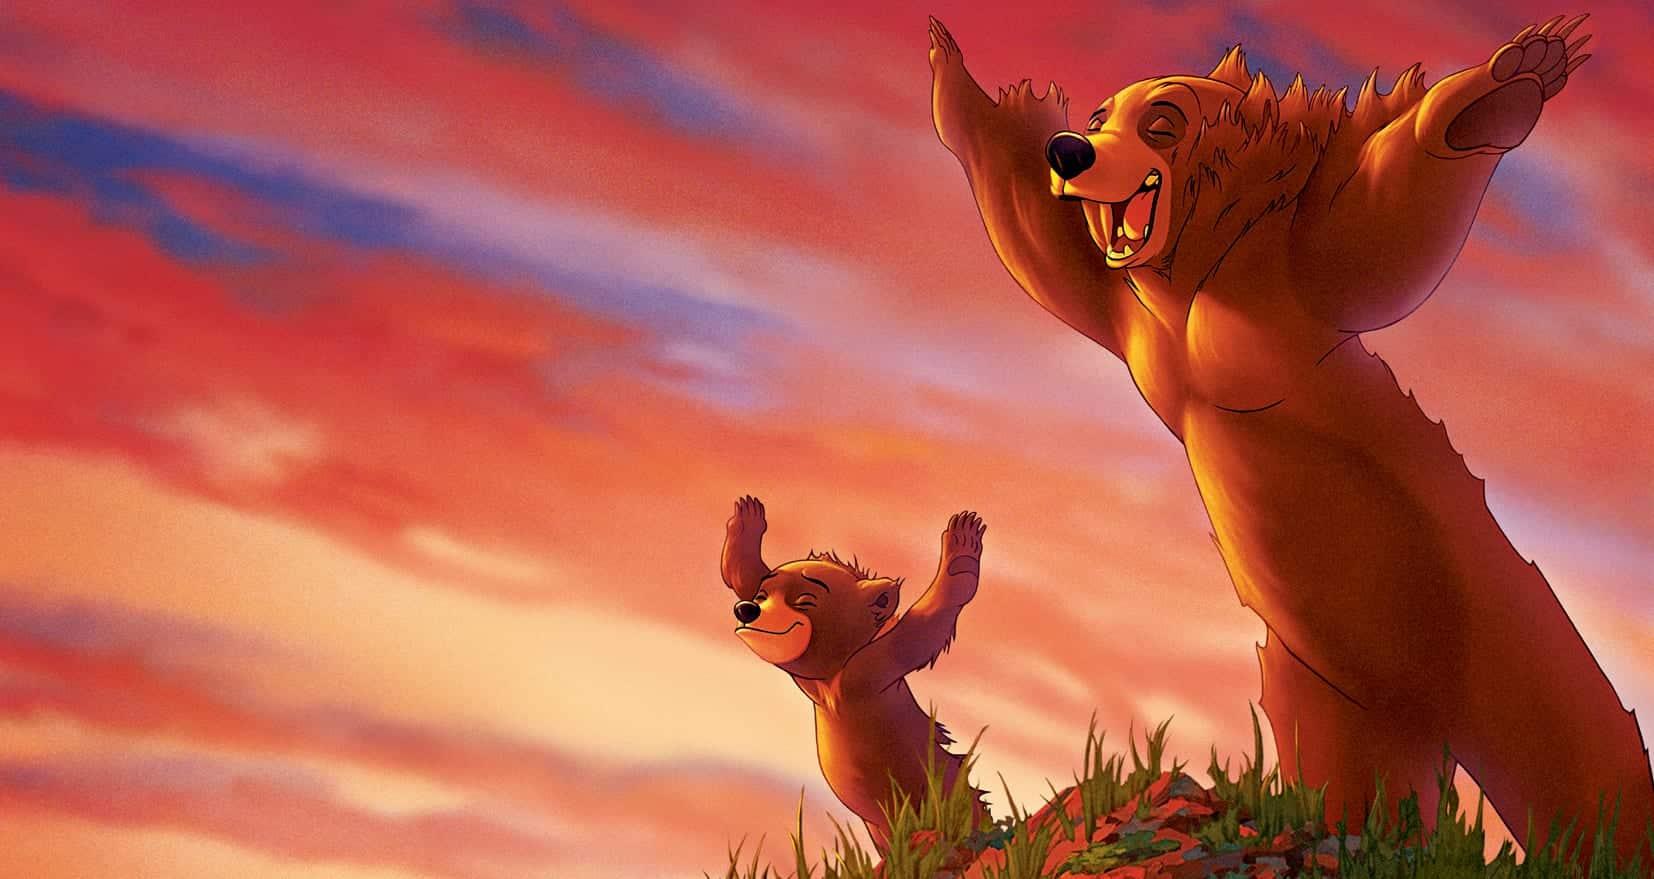 Irmão Urso - História e curiosidades sobre a animação